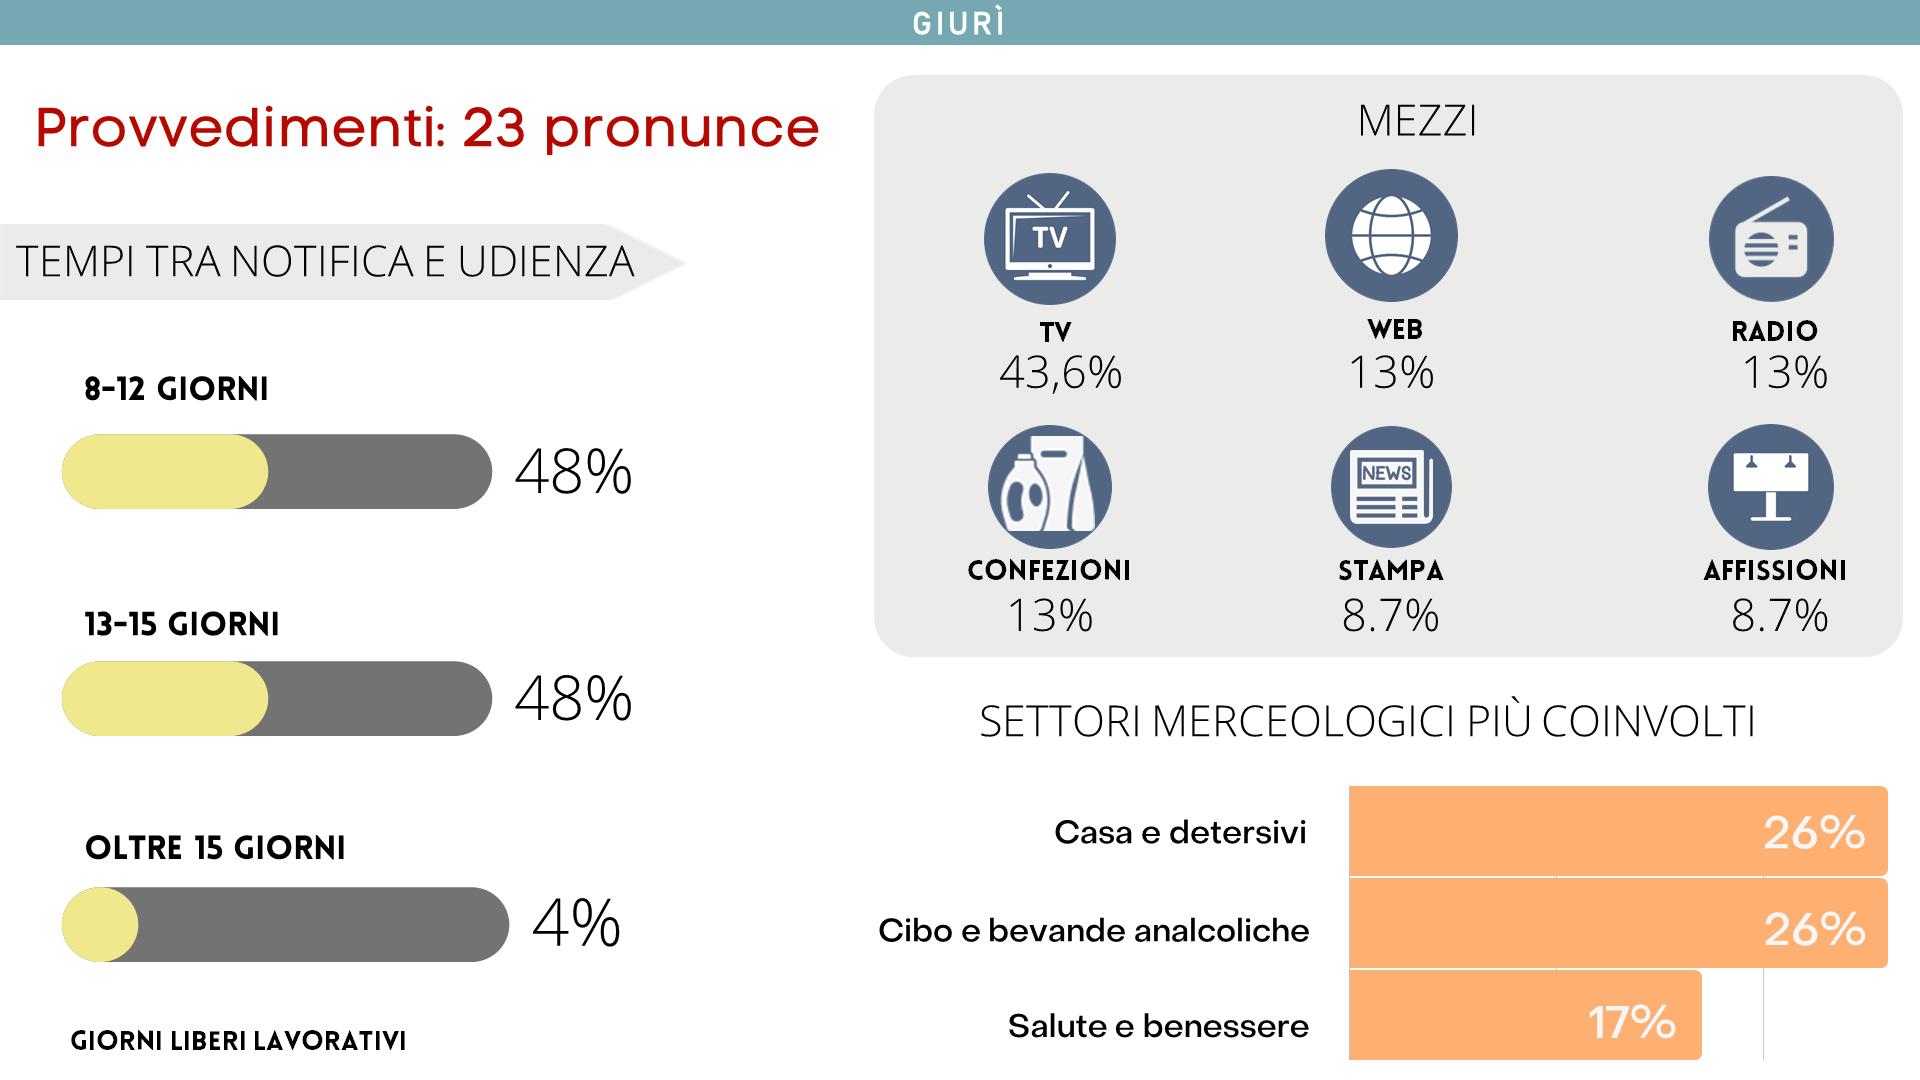 Il Giurì ha emesso 23 pronunce, il 96% di queste entro 15 giorni liberi lavorativi.